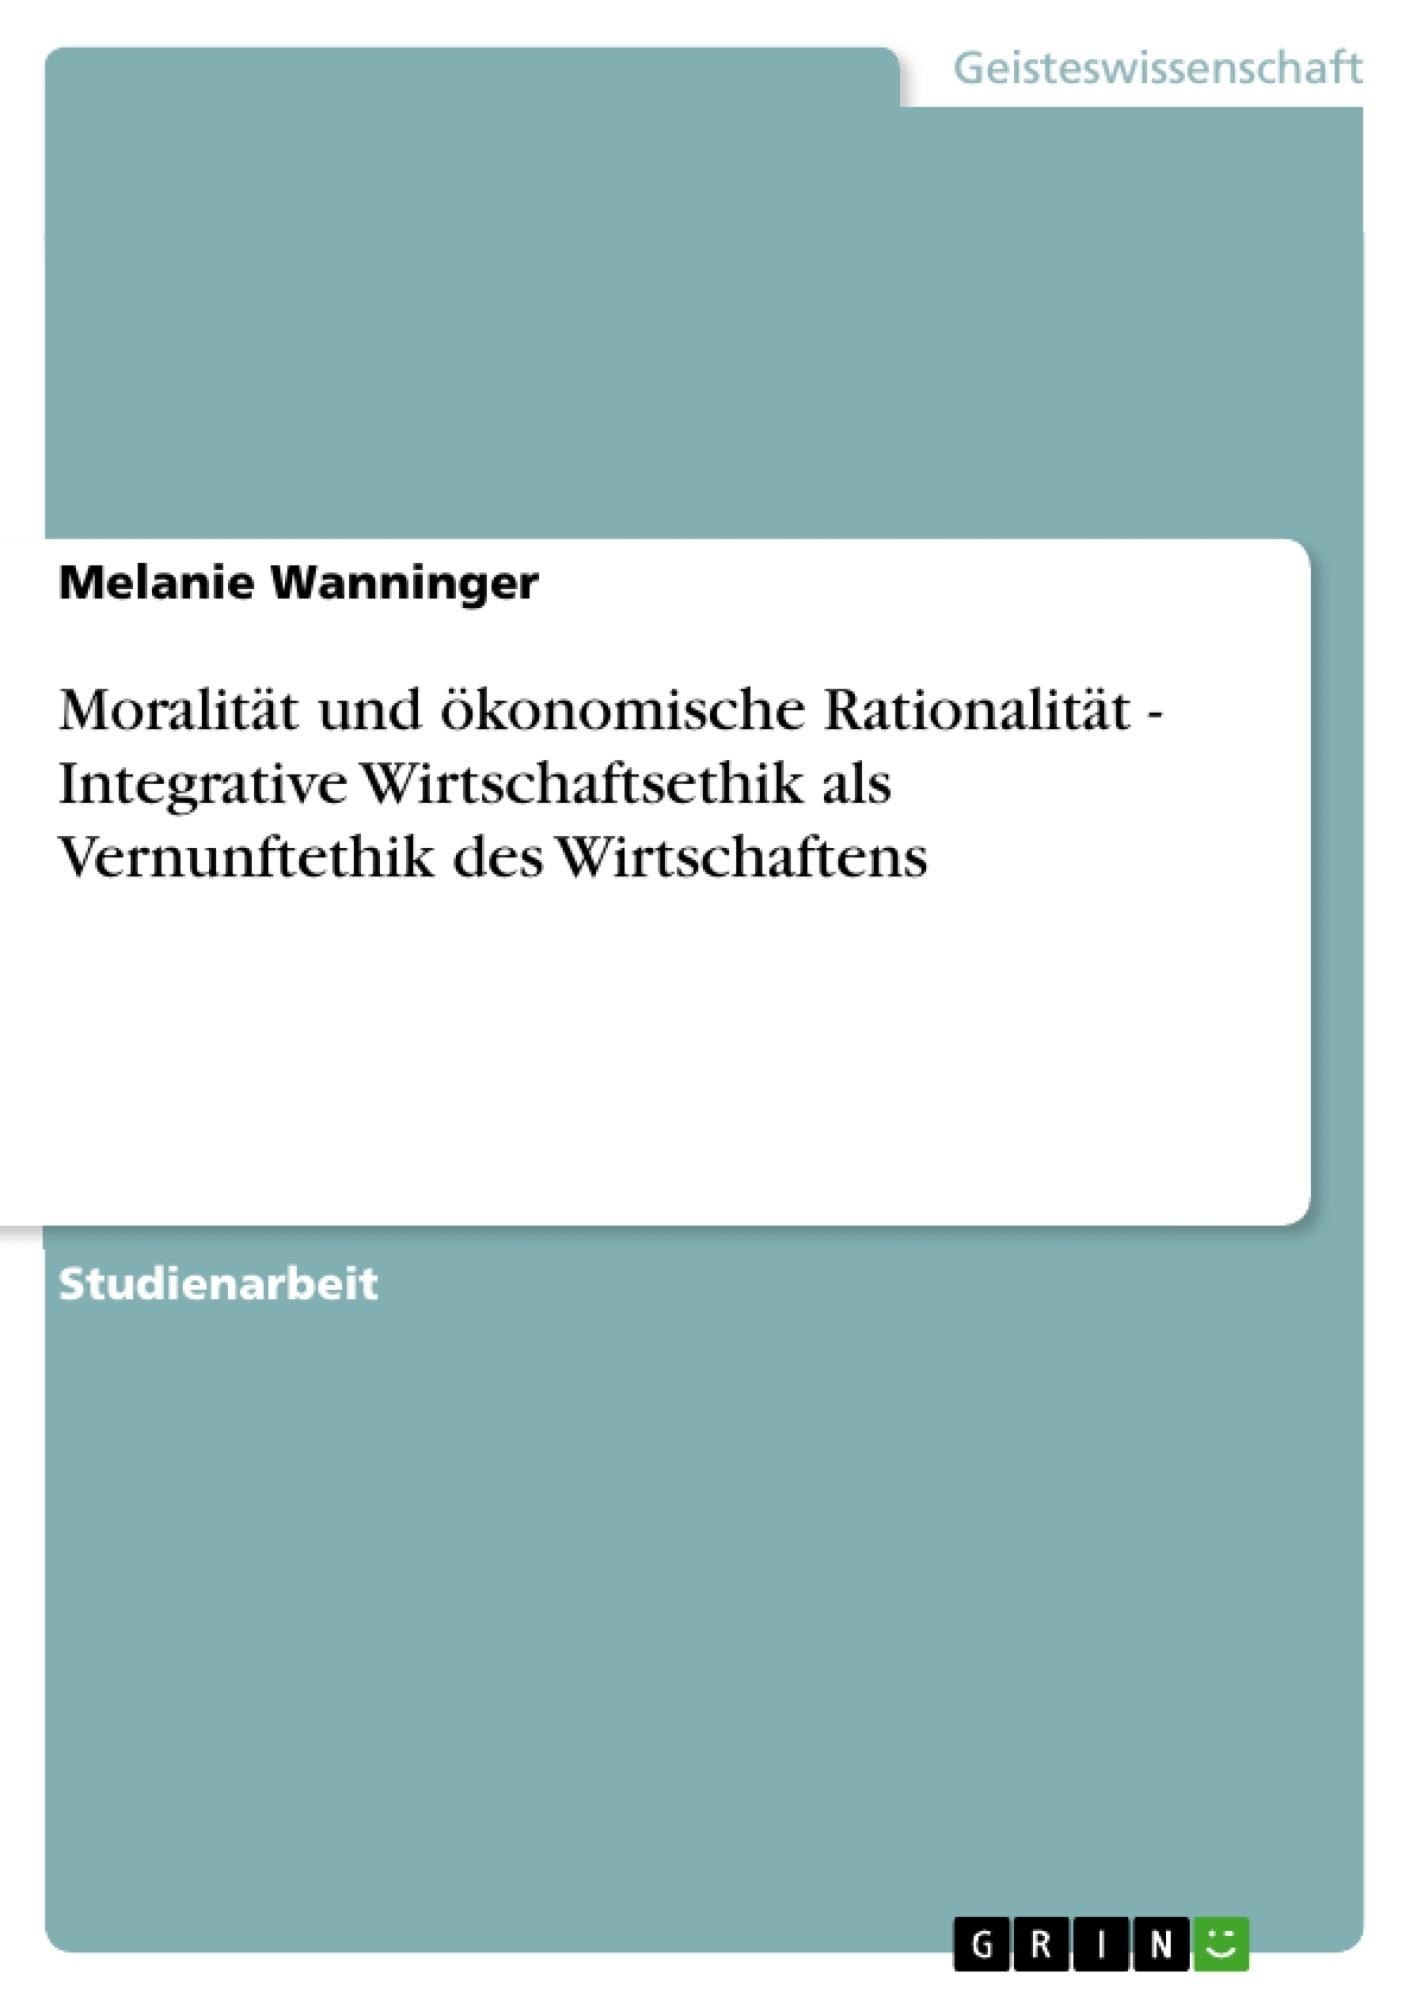 Titel: Moralität und ökonomische Rationalität - Integrative Wirtschaftsethik als Vernunftethik des Wirtschaftens